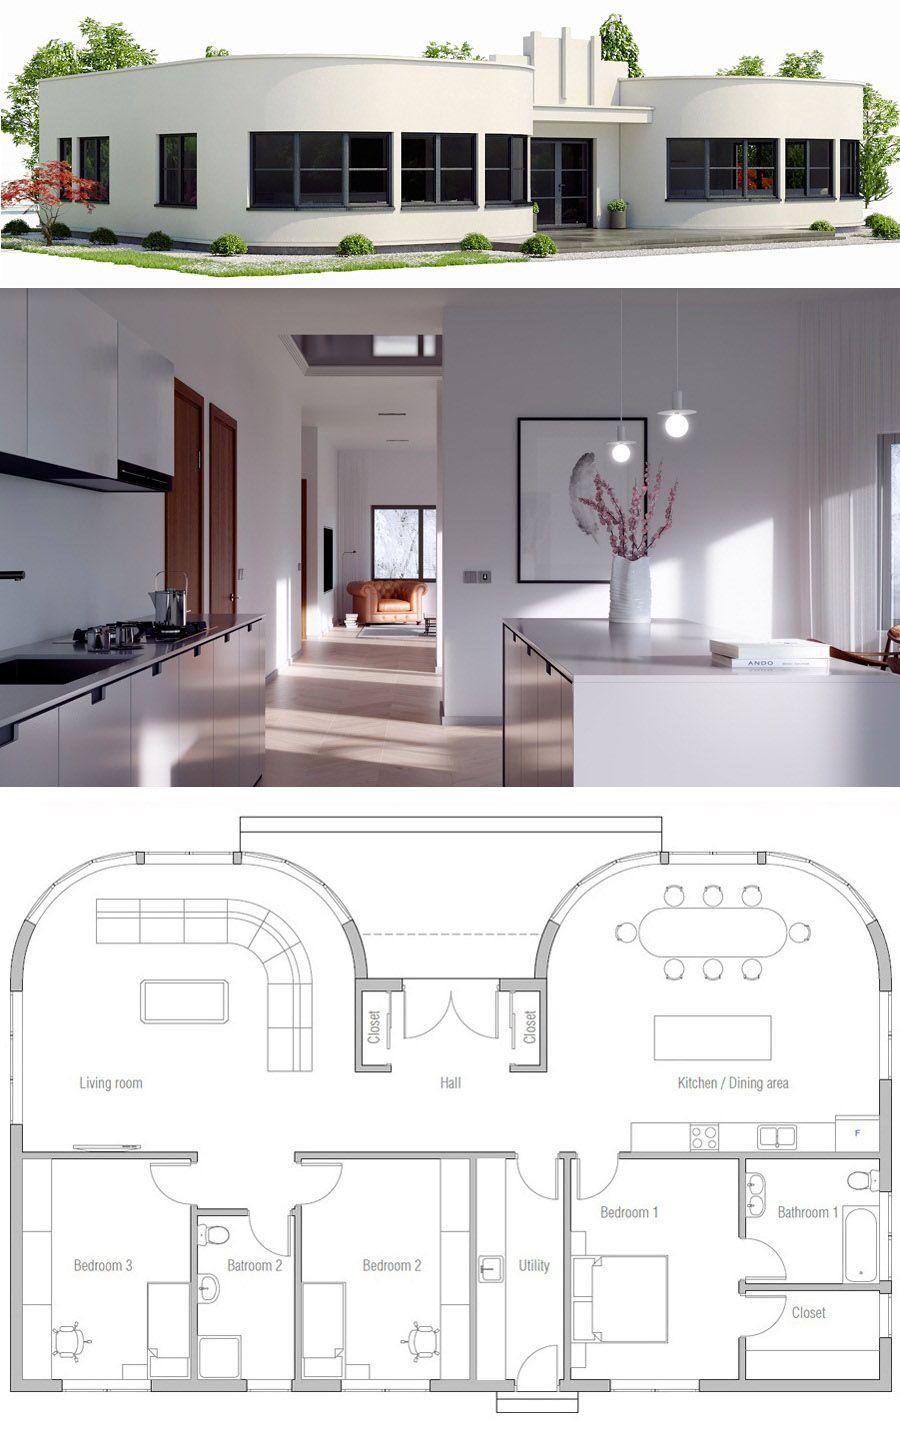 House interior designs interiordesign homeplans floorplans architecture adhouseplans archdaily also rh pinterest